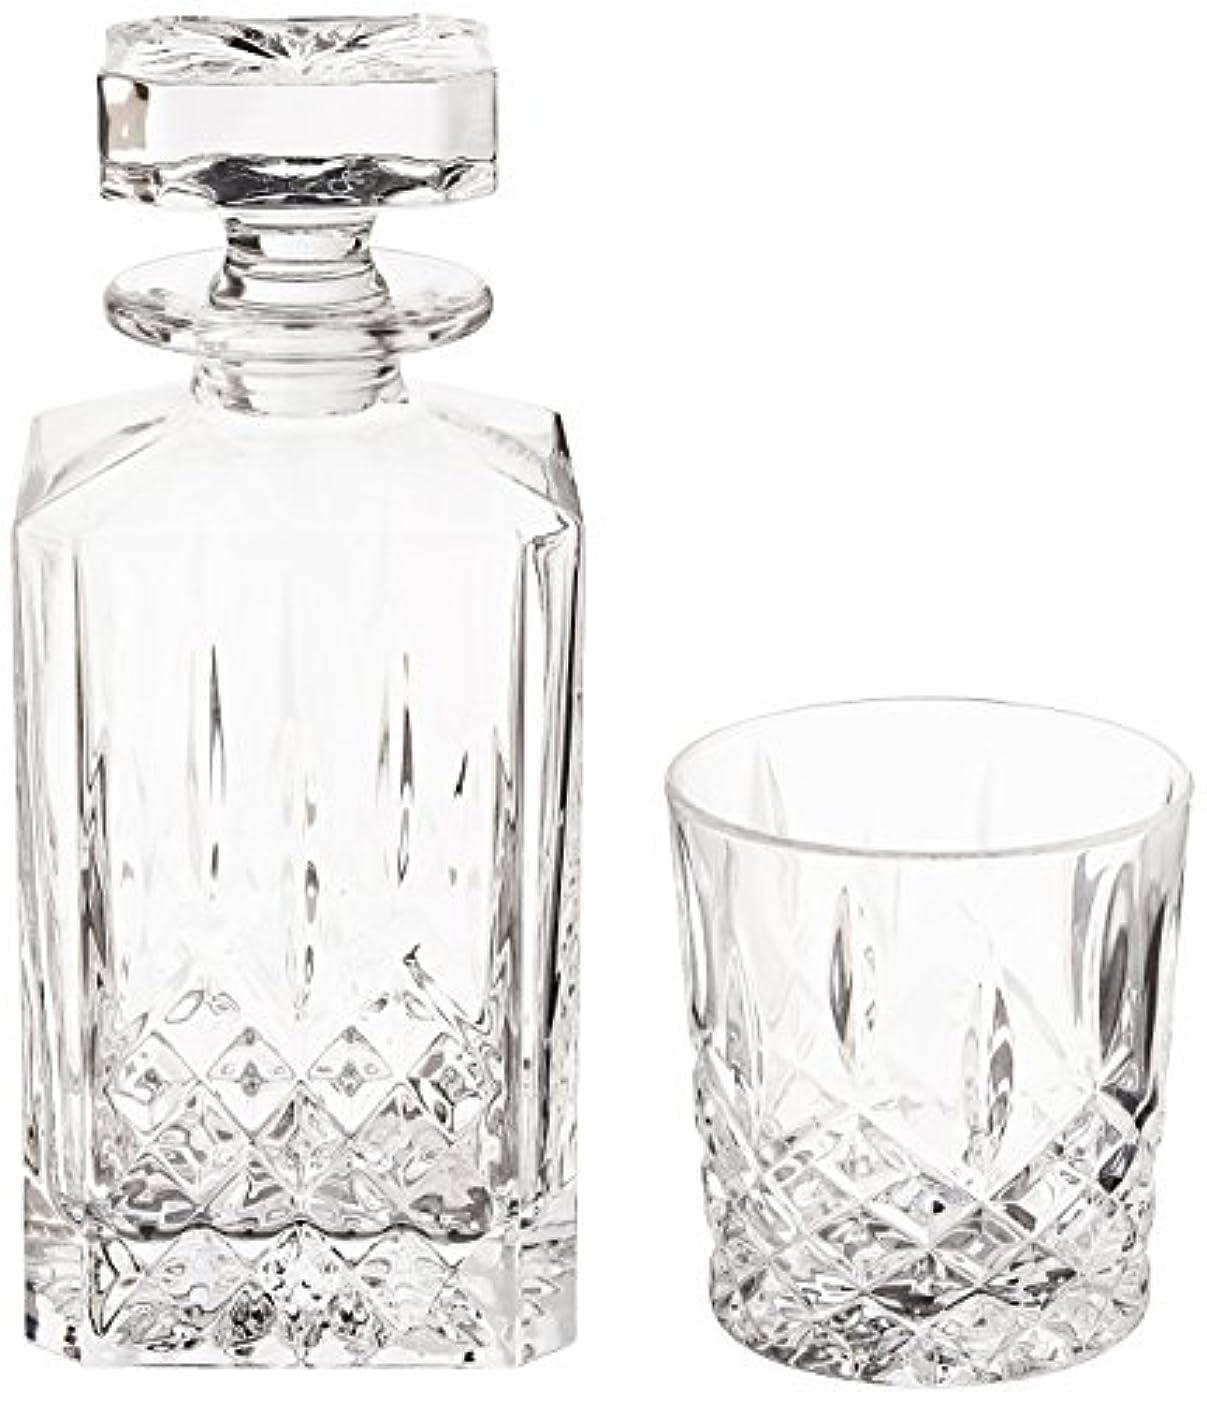 勝利したつらい動詞(Decanter Set) - Marquis by Waterford Markham 330ml Double Old Fashioned Glasses Pair and Square Decanter Set,...